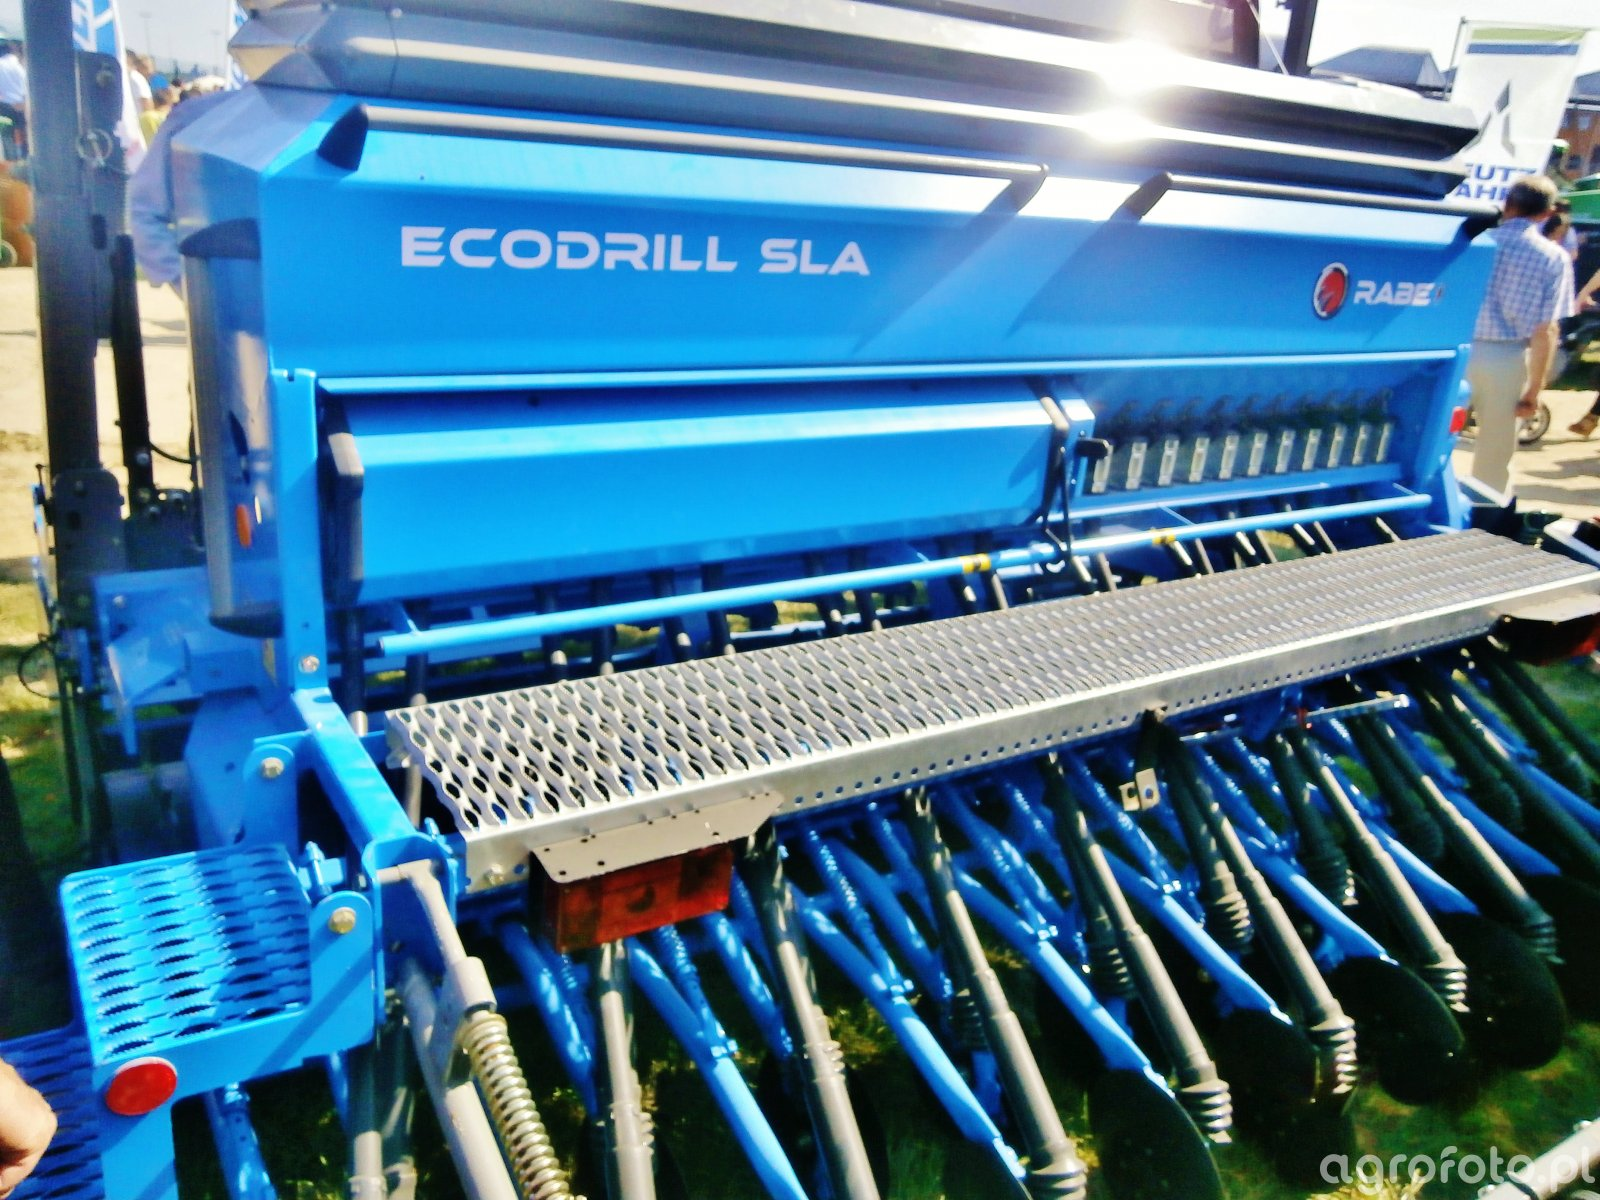 Ecodrill Sla